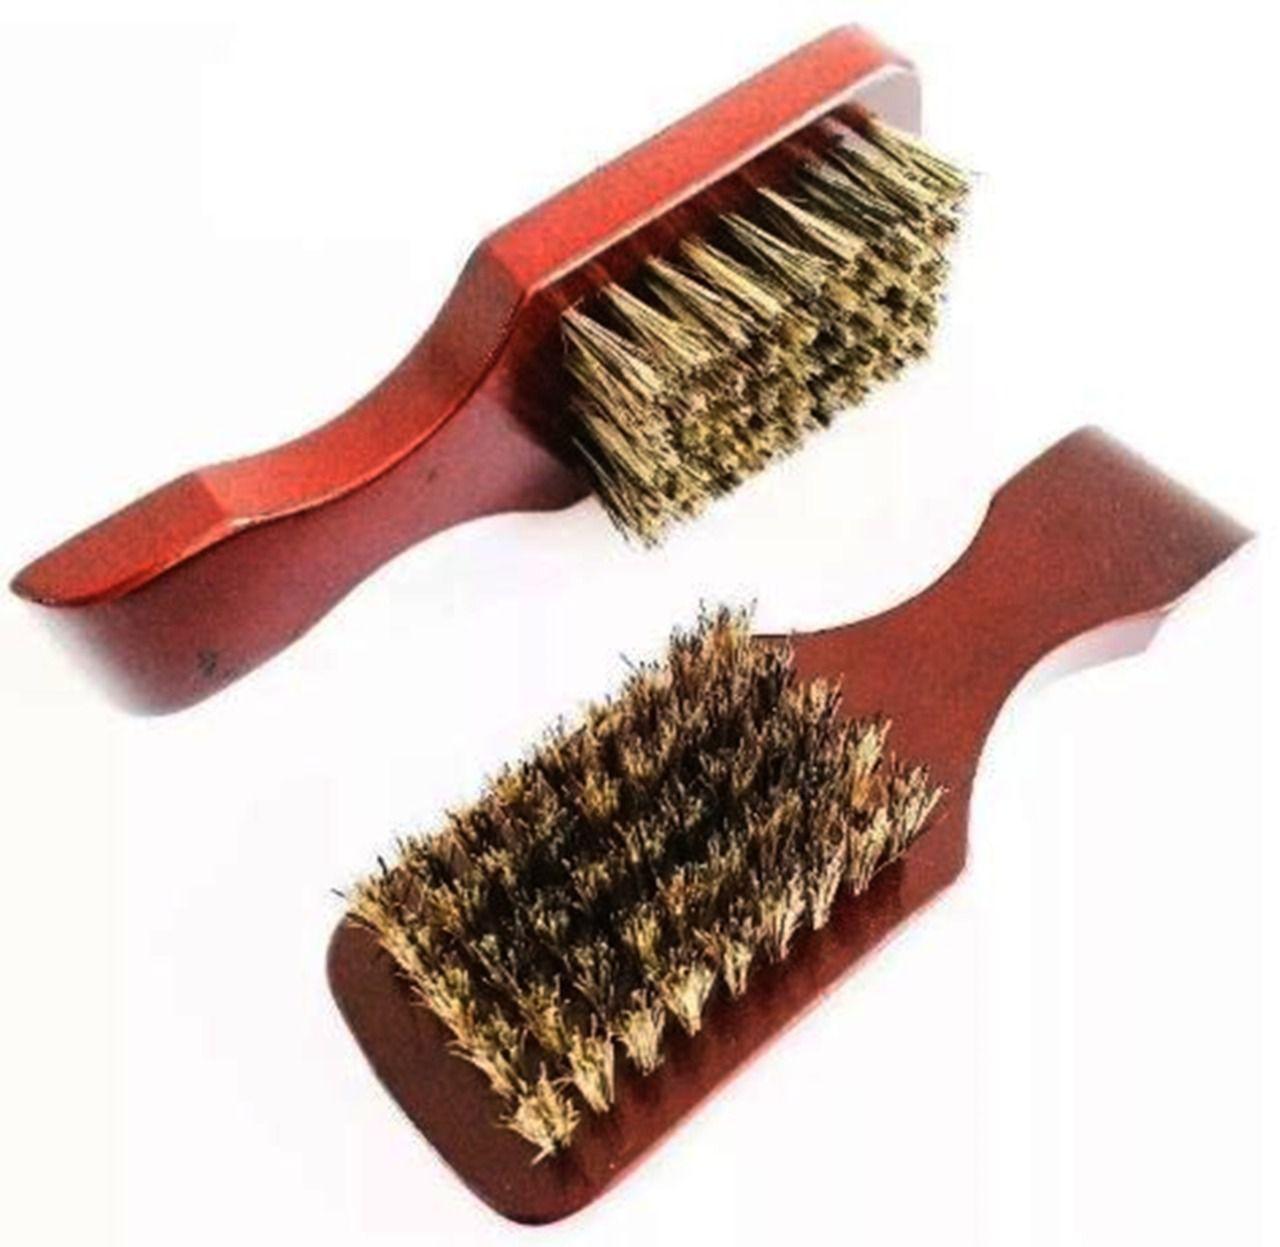 Escovinha De Disfarce Para Barbeiro Escova De Pelo De Javali